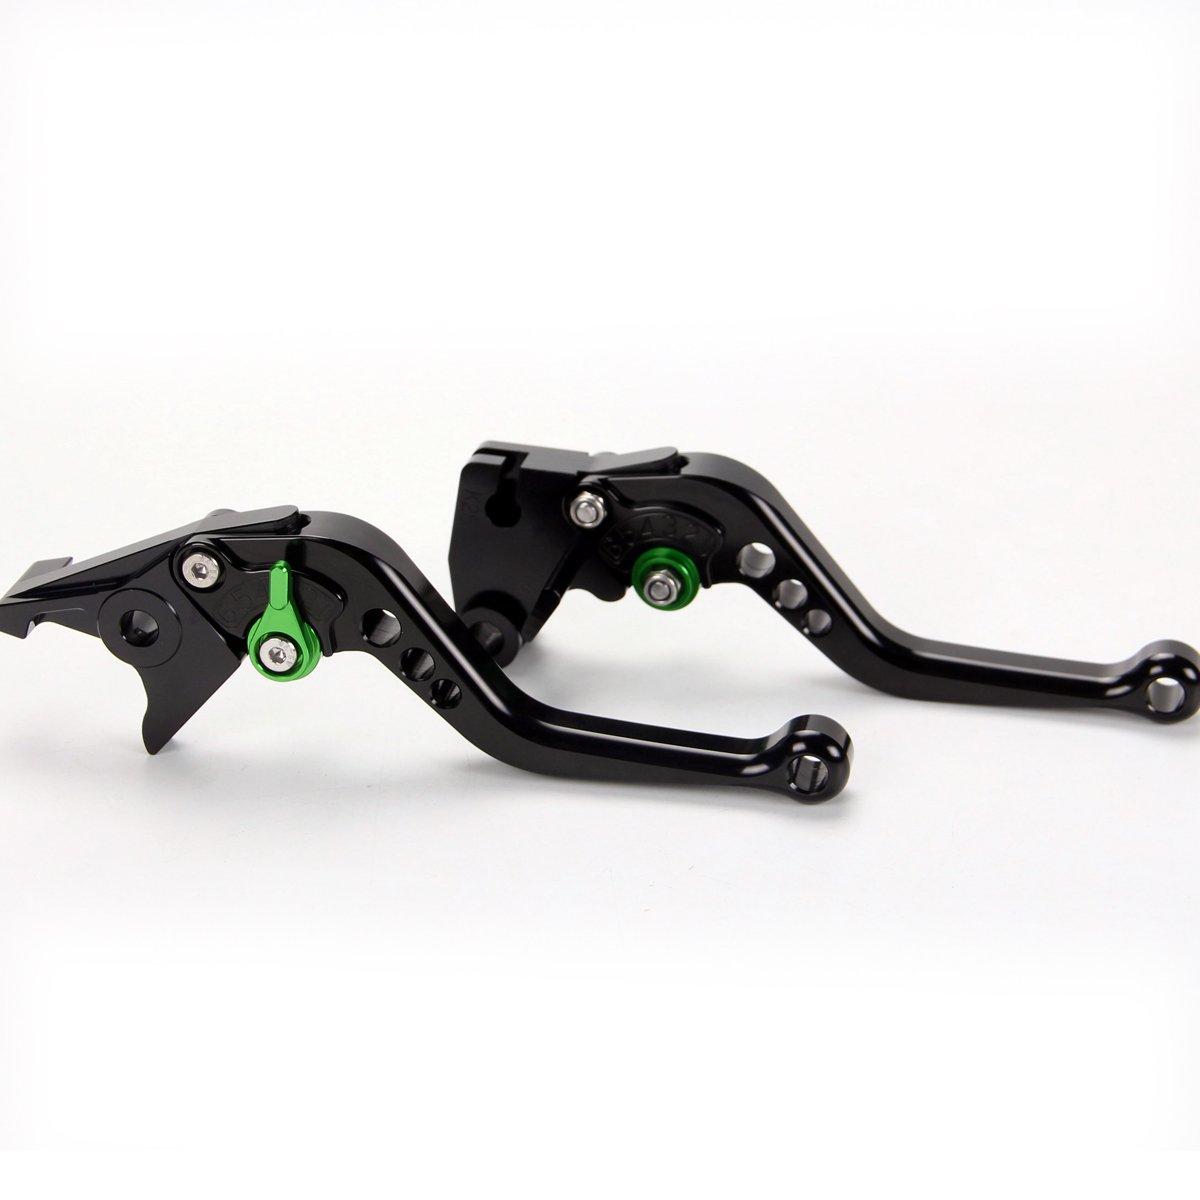 Short CNC anodized Brake Clutch Levers For Kawasaki ZX6R/636/Z1000 2007-2016, Z750R 2011-2012, ZX10R 2006-2015, Z1000SX/NINJA 1000/Tourer 2011-2016